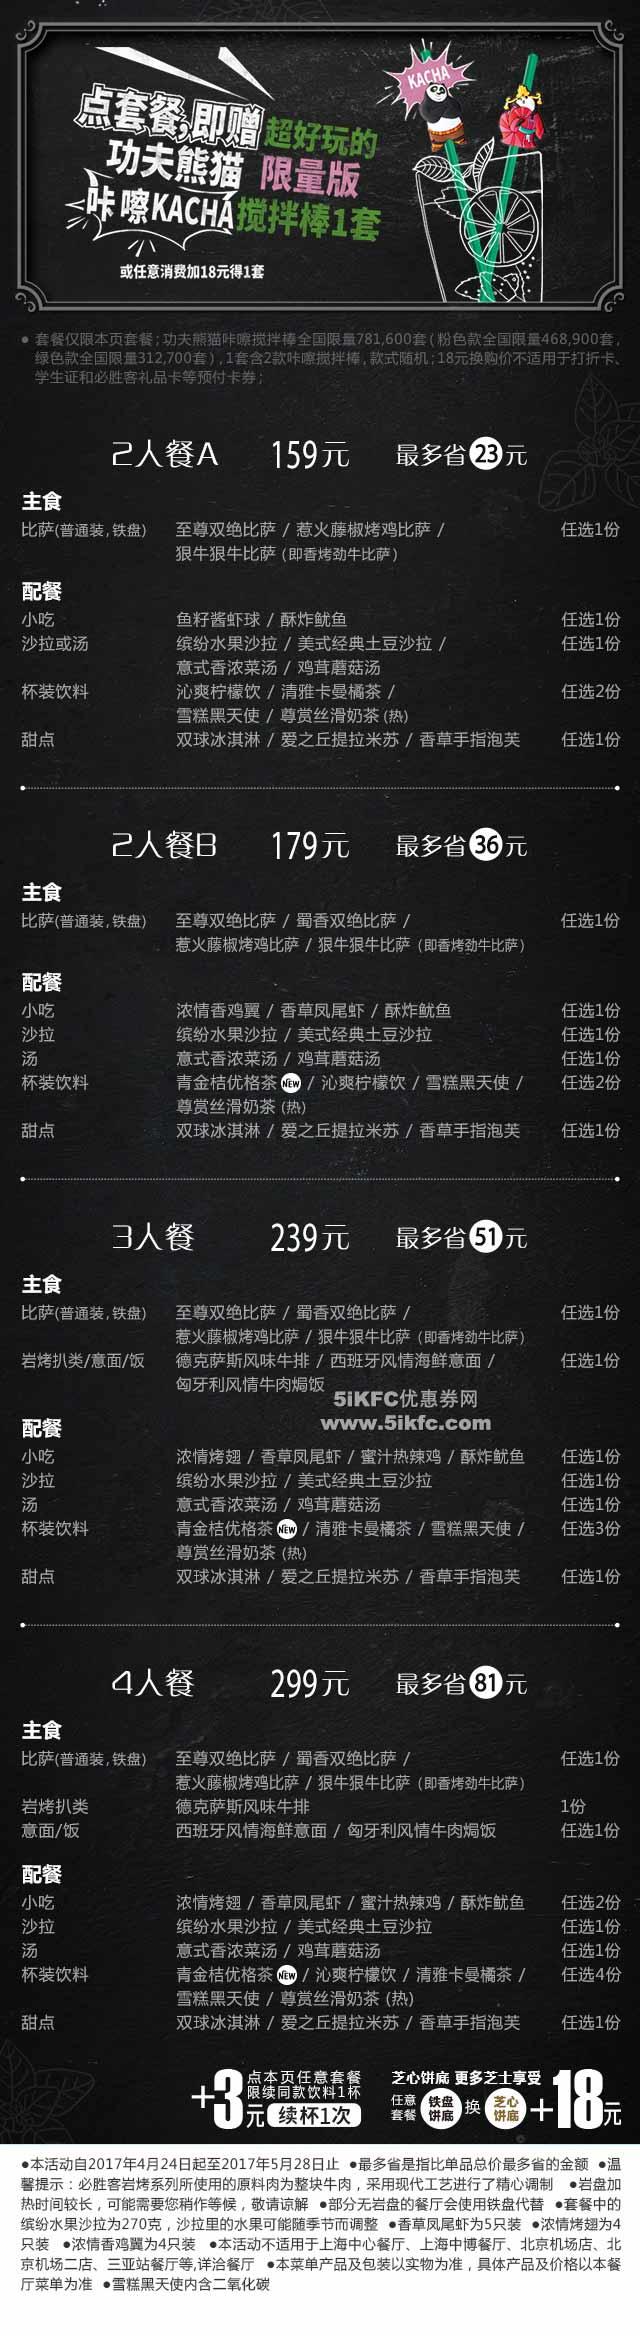 优惠券图片:必胜客新品套餐159元起,点套餐赠功夫熊猫咔嚓KACHA限量版搅拌棒1套 有效期2017年04月24日-2017年05月28日